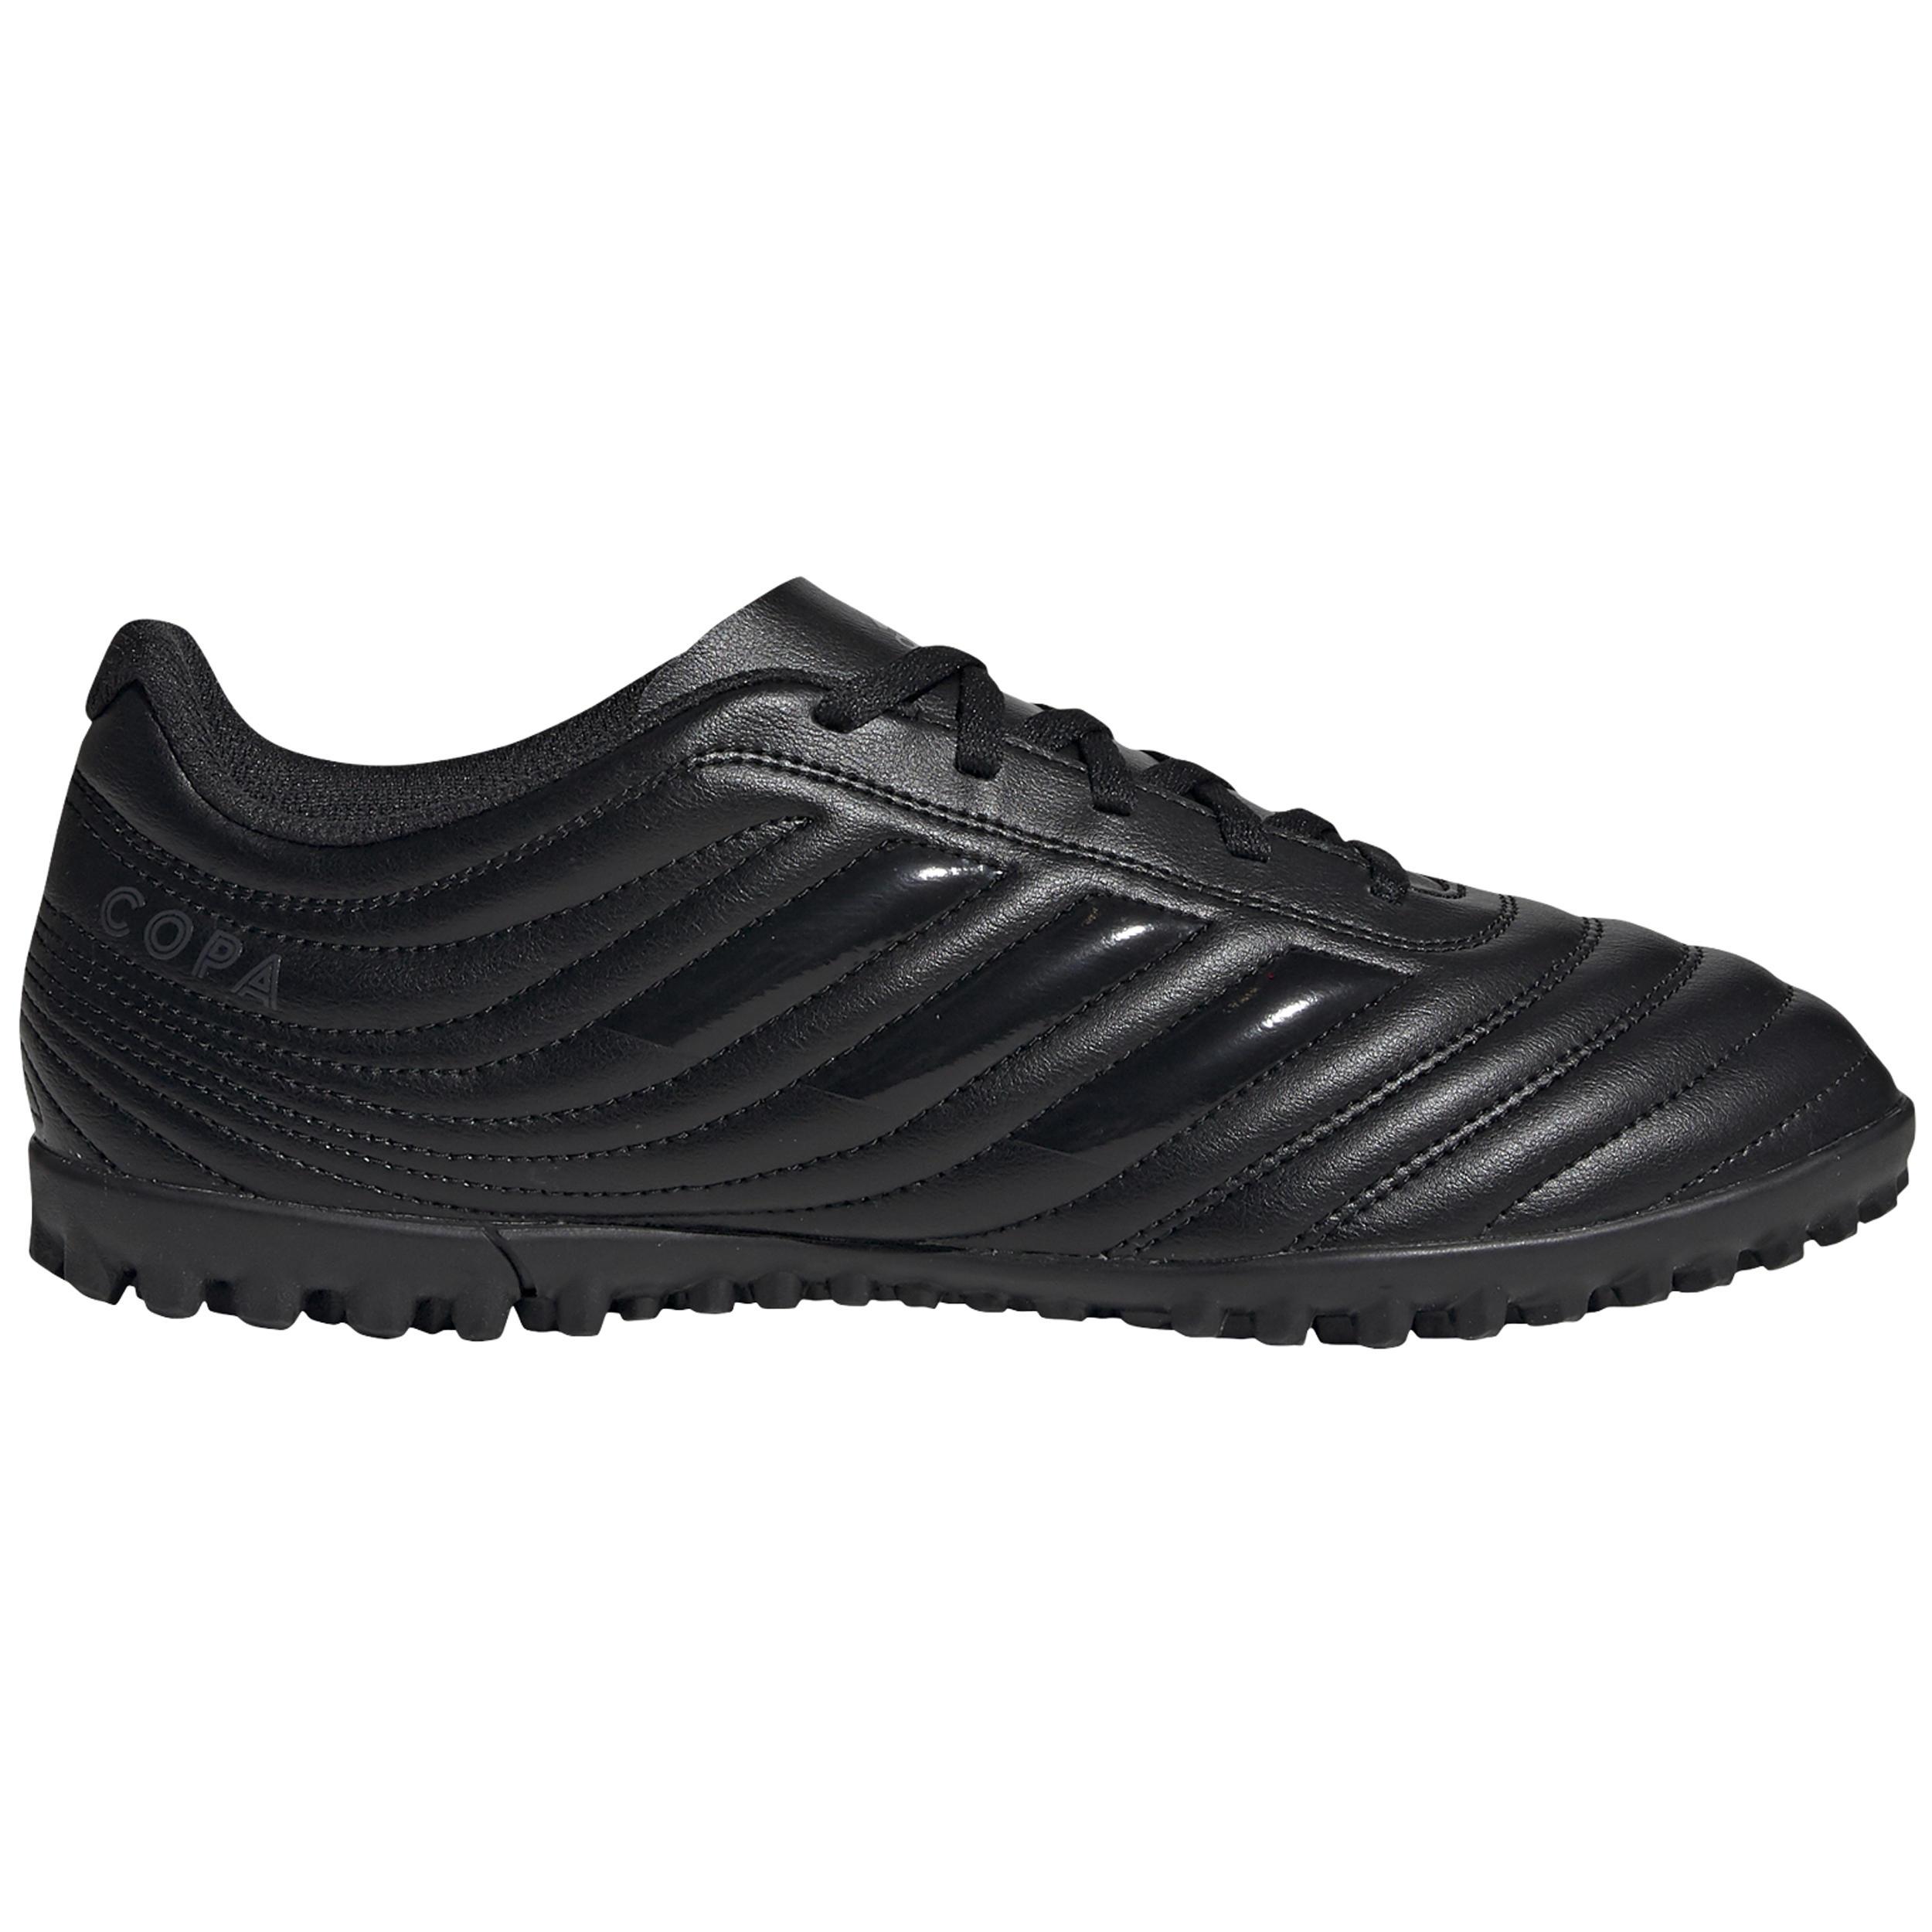 Fußballschuhe Multinocken Copa 20.4 TF Erwachsene | Schuhe > Sportschuhe > Fußballschuhe | Adidas